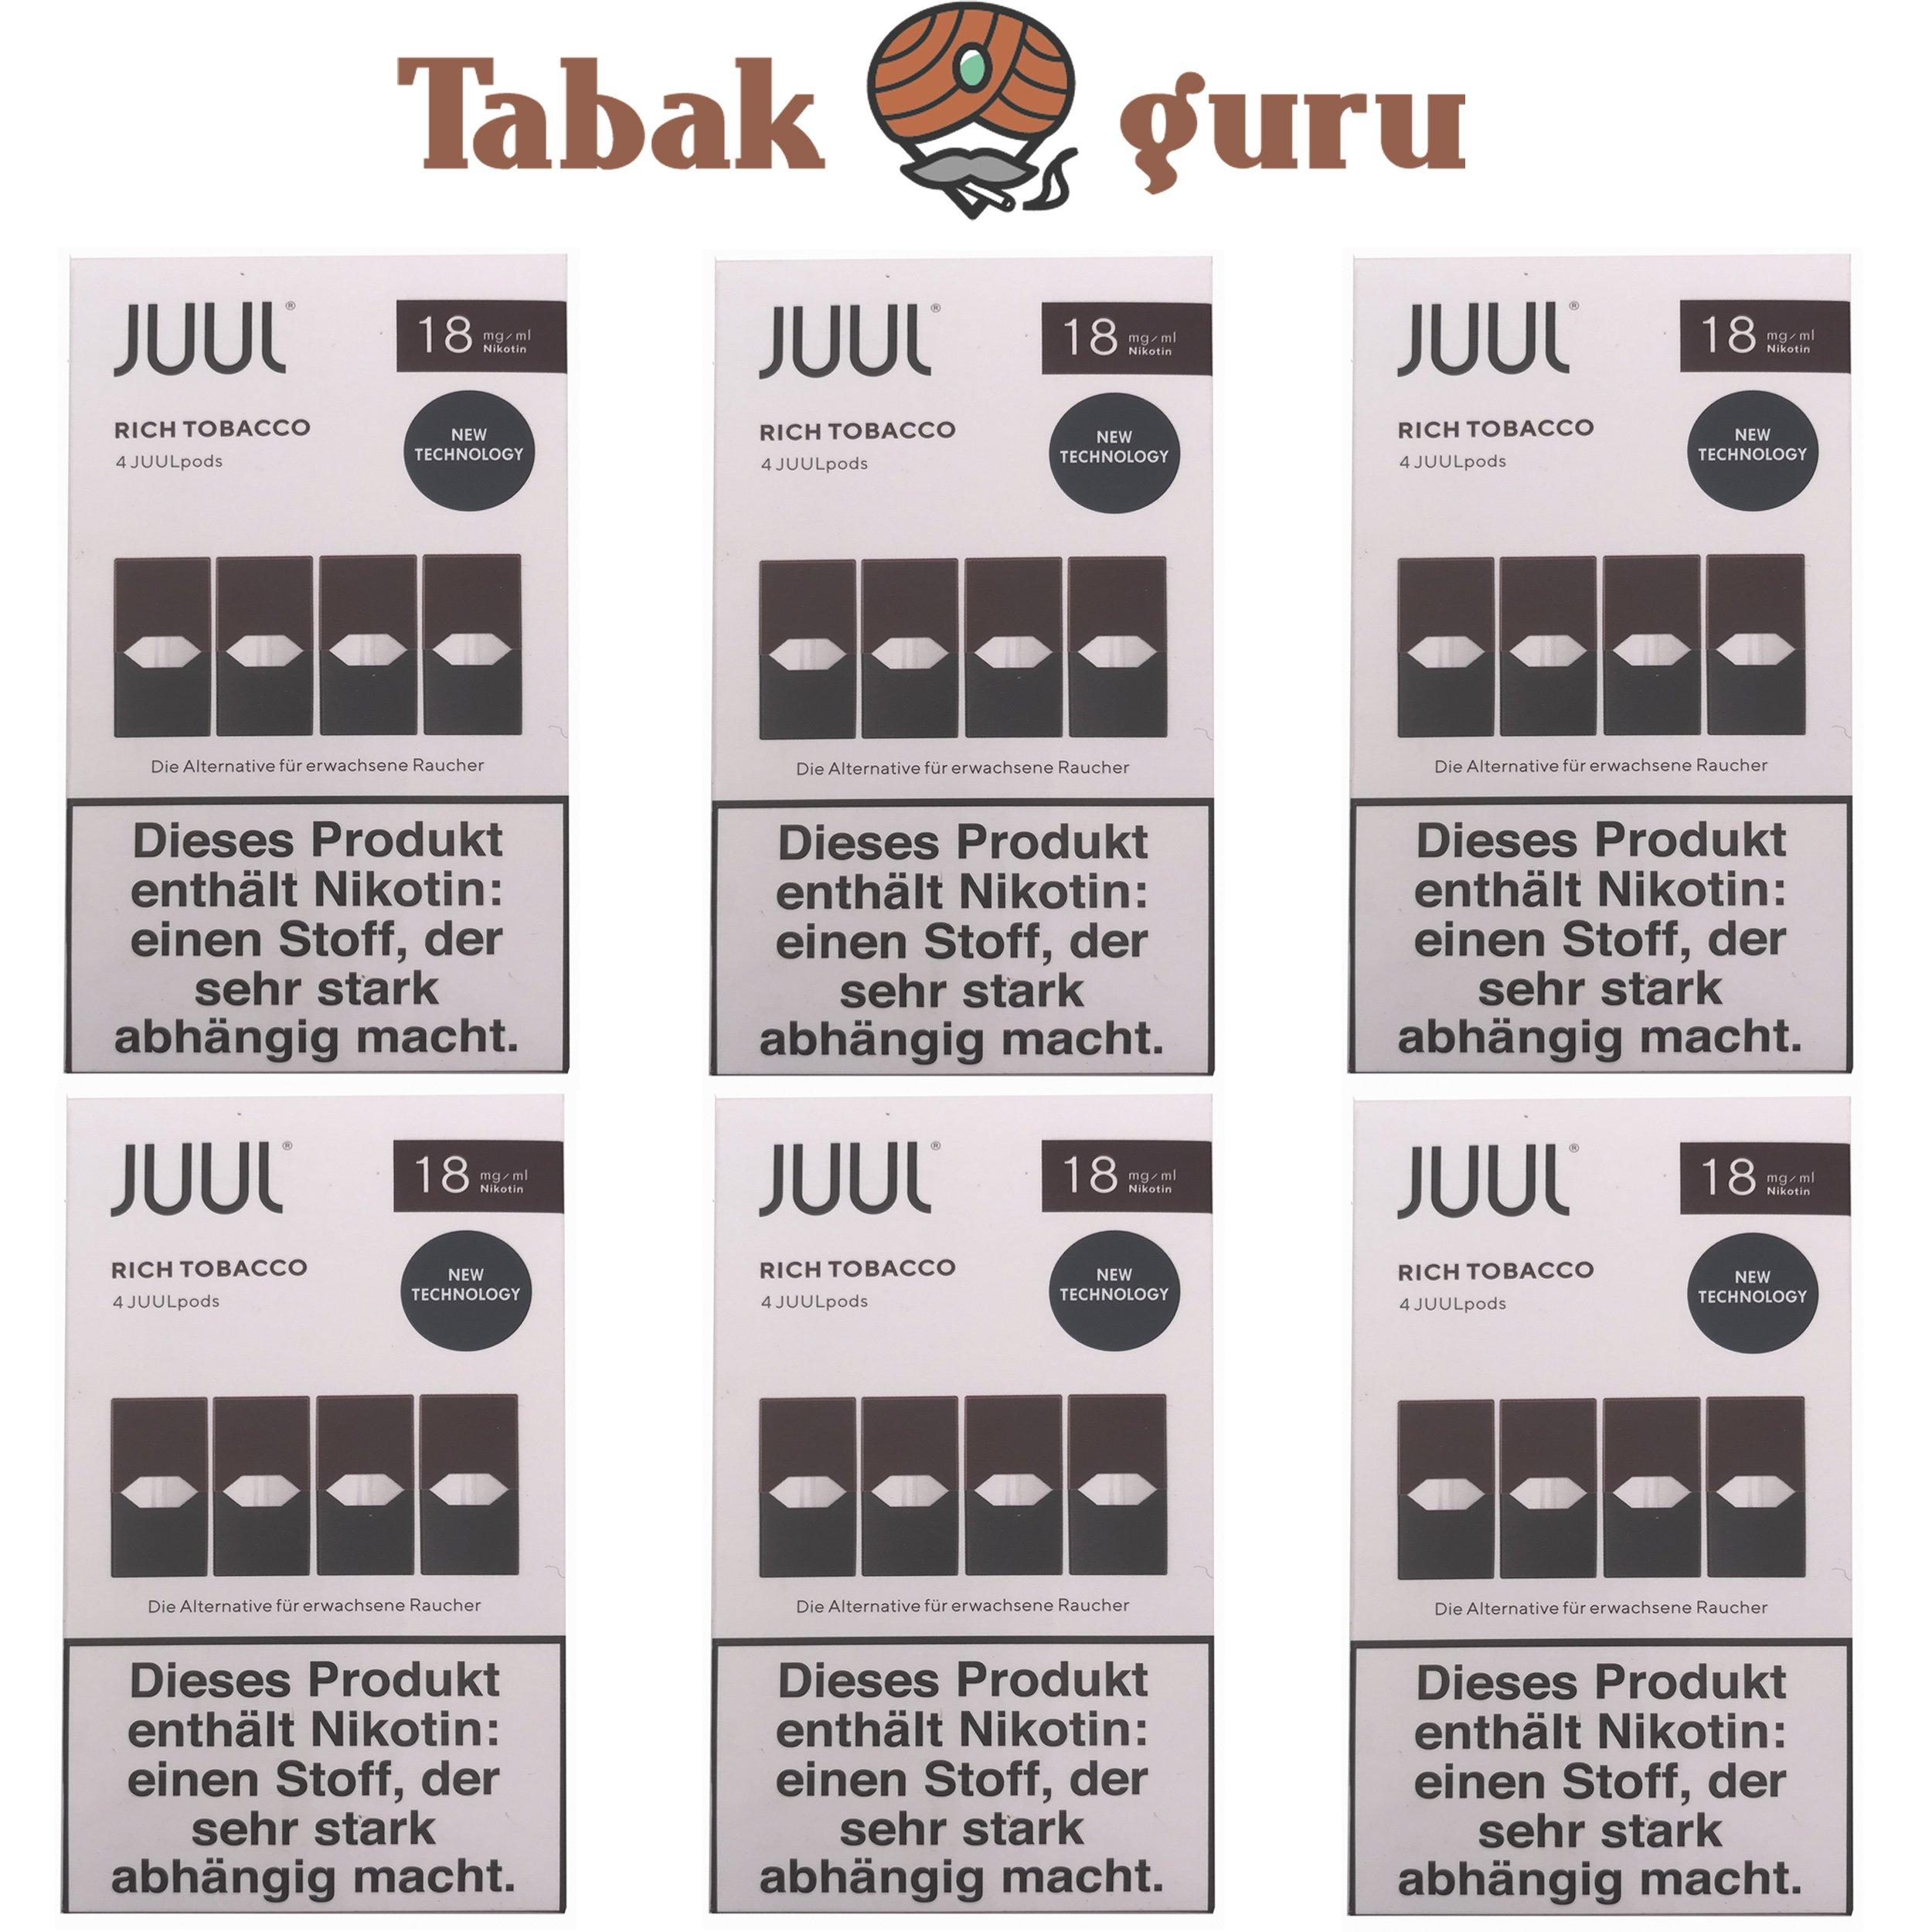 JUUL 6 Packungen Rich Tobacco Pods 18mg/ml á 4 Pods